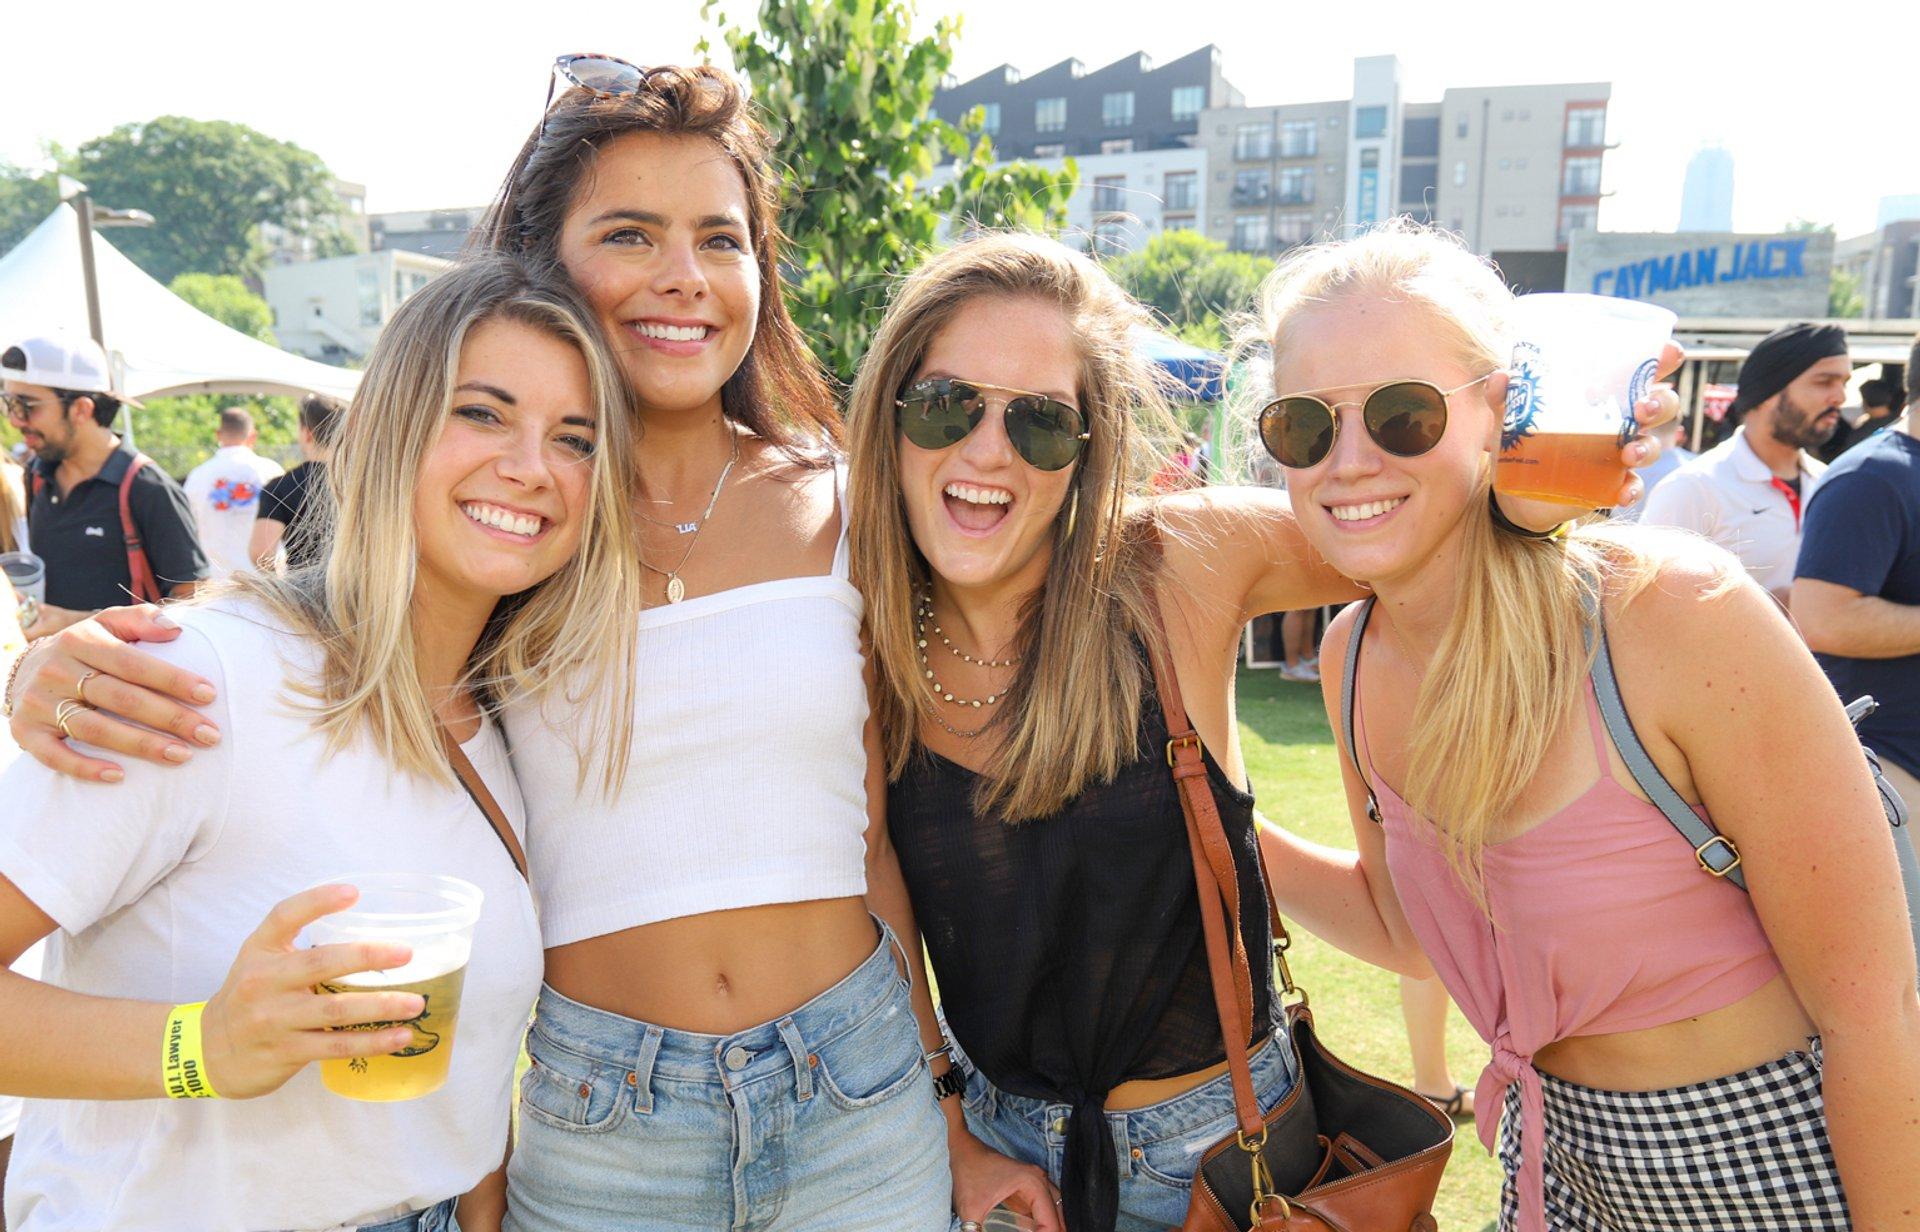 Atlanta Summer Beer Fest in Atlanta - Best Season 2020